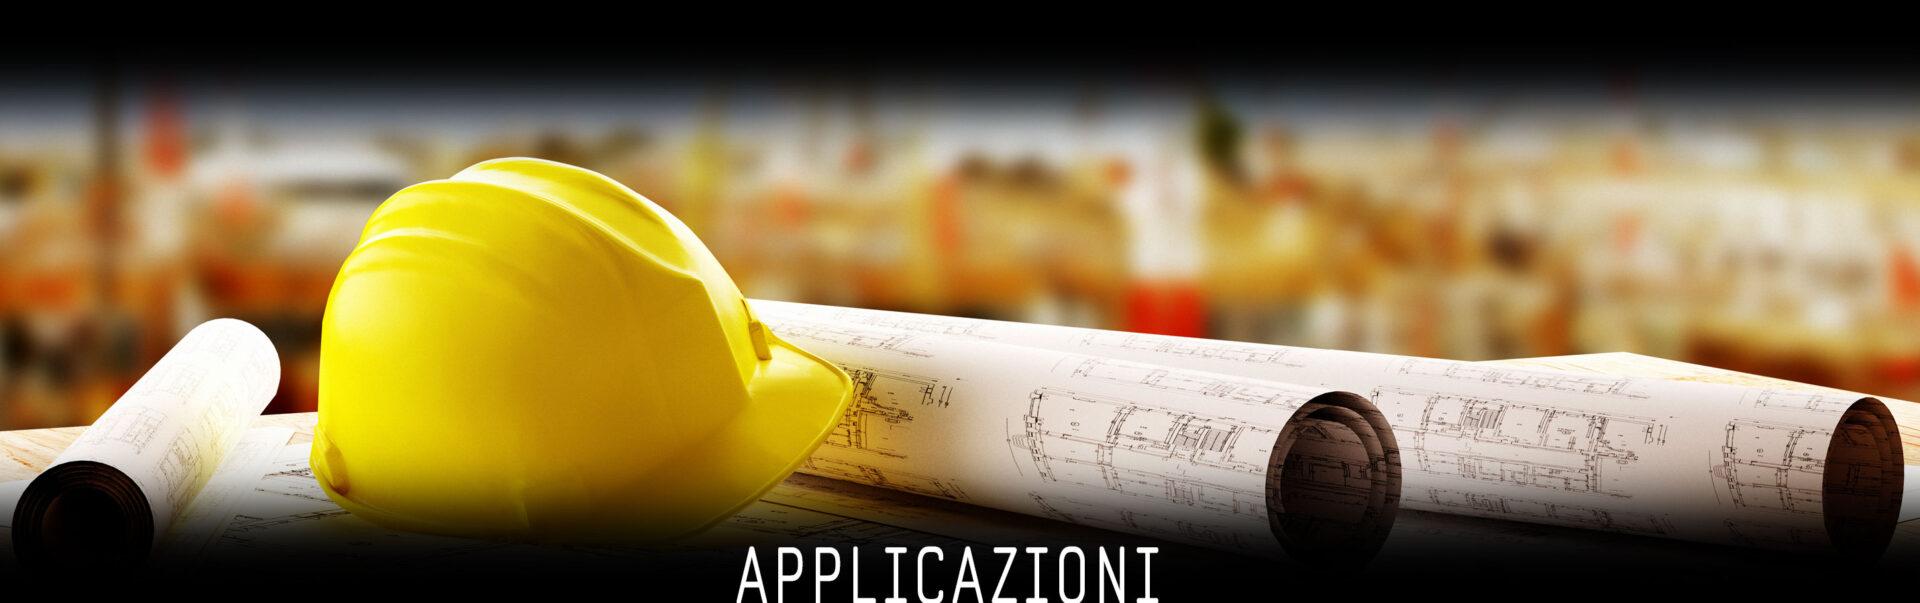 applicazioni2